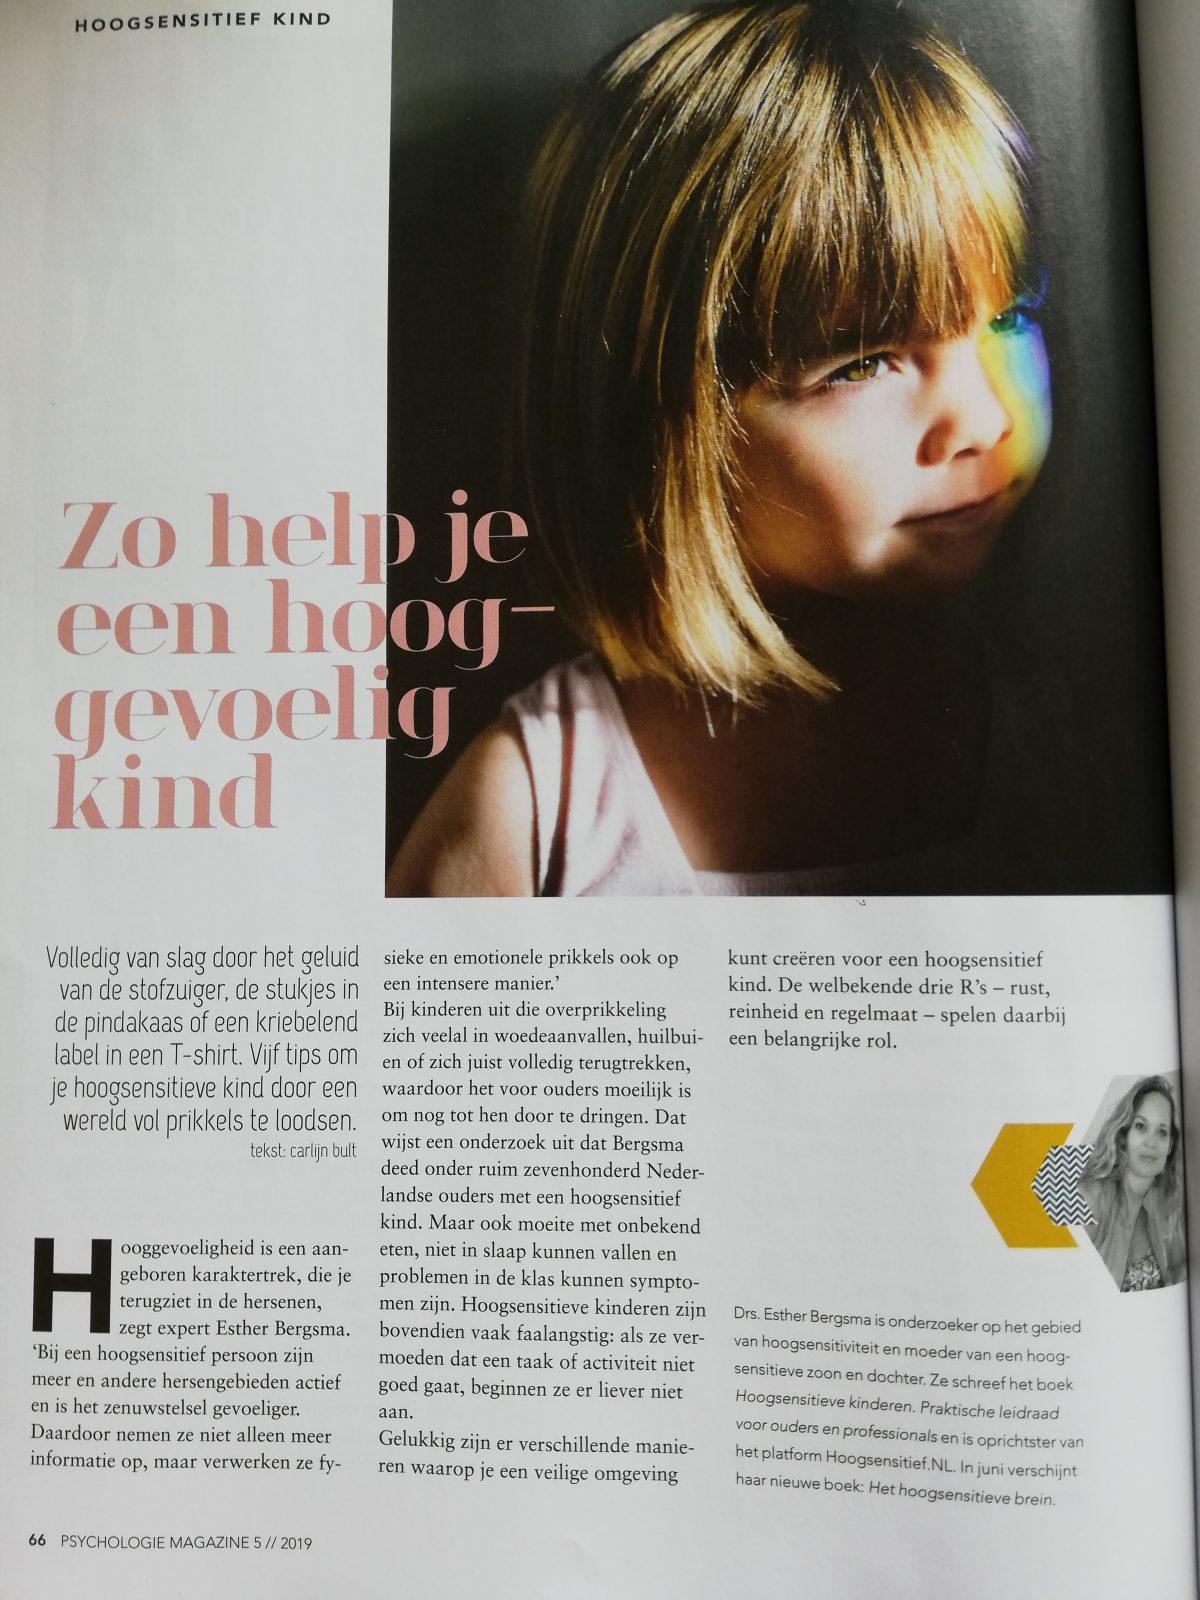 Psychologie Magazine Het hoogsensitieve kind